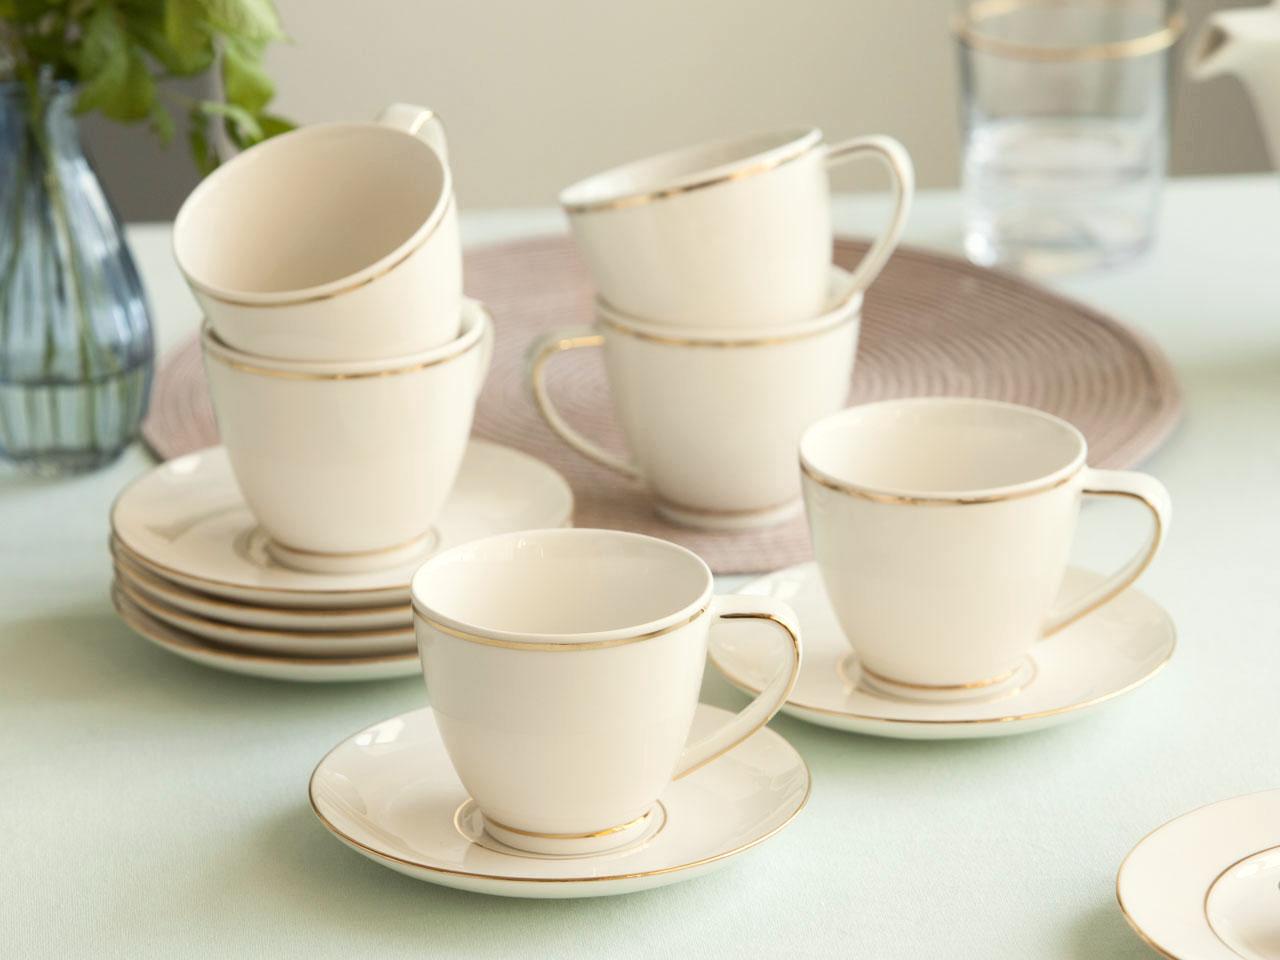 Serwis / Zestaw kawowy na 6 osób MariaPaula Ecru Nova Złota Linia (12 elementów)